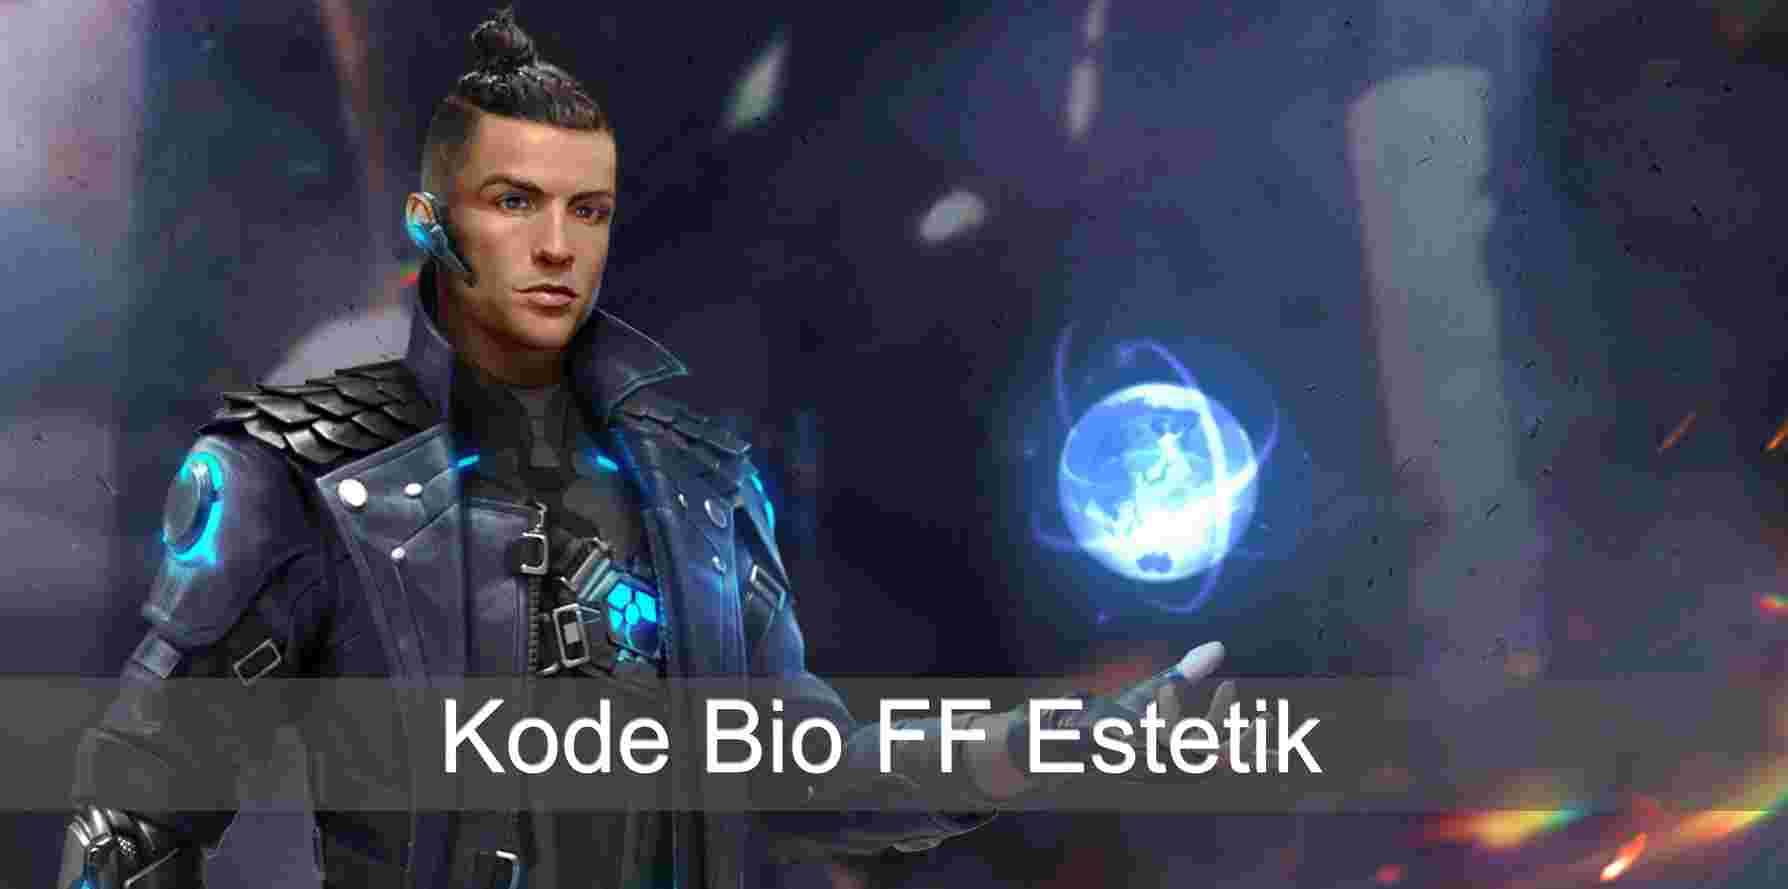 Bio FF Estetik